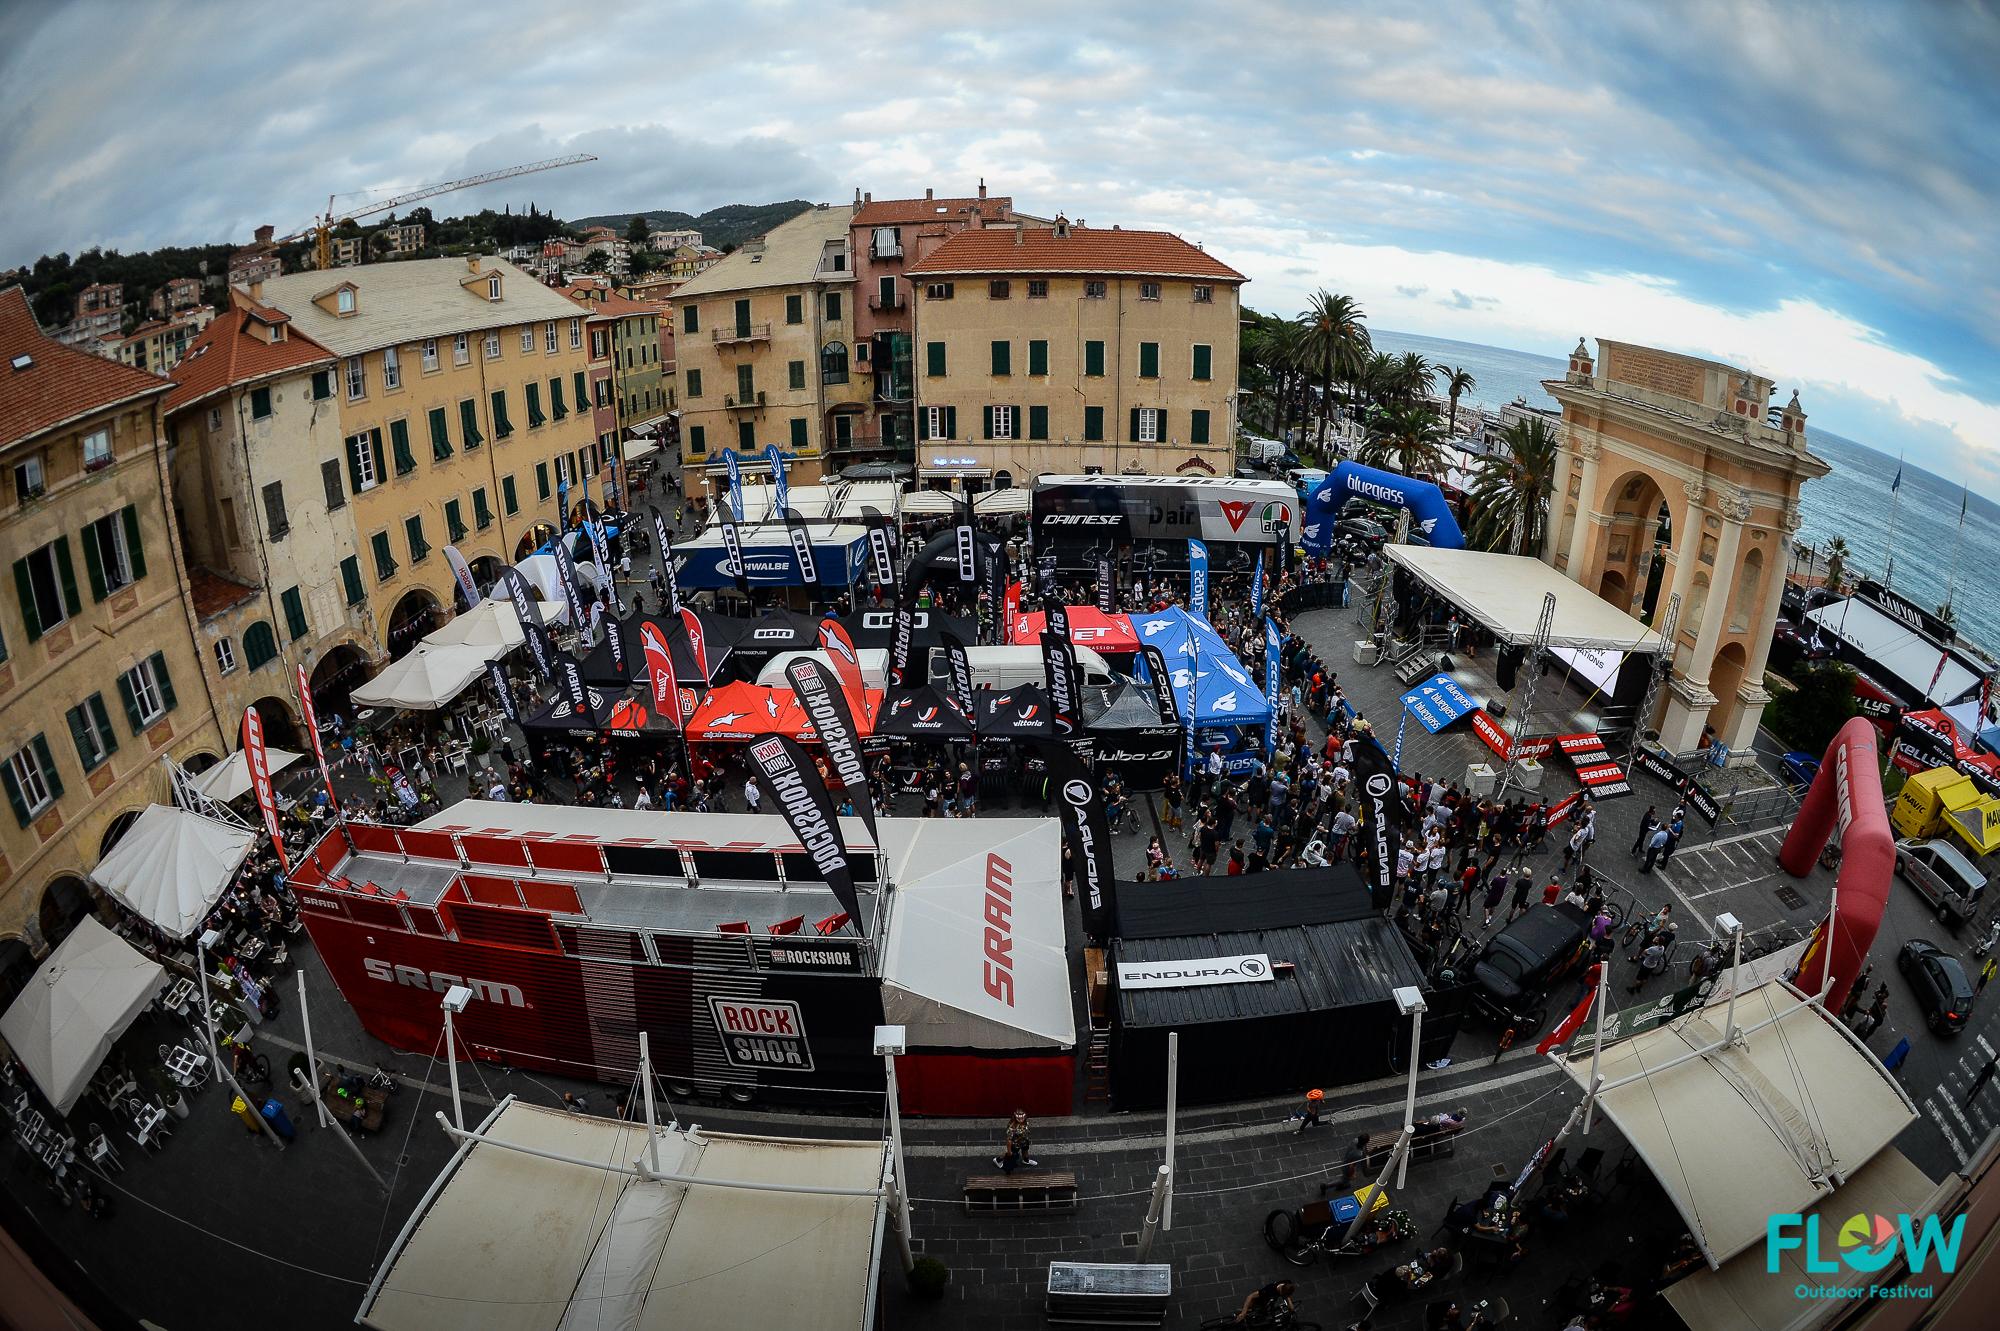 Grandi conferme per la quarta edizione del FLOW Outdoor Festival di Finale Ligure